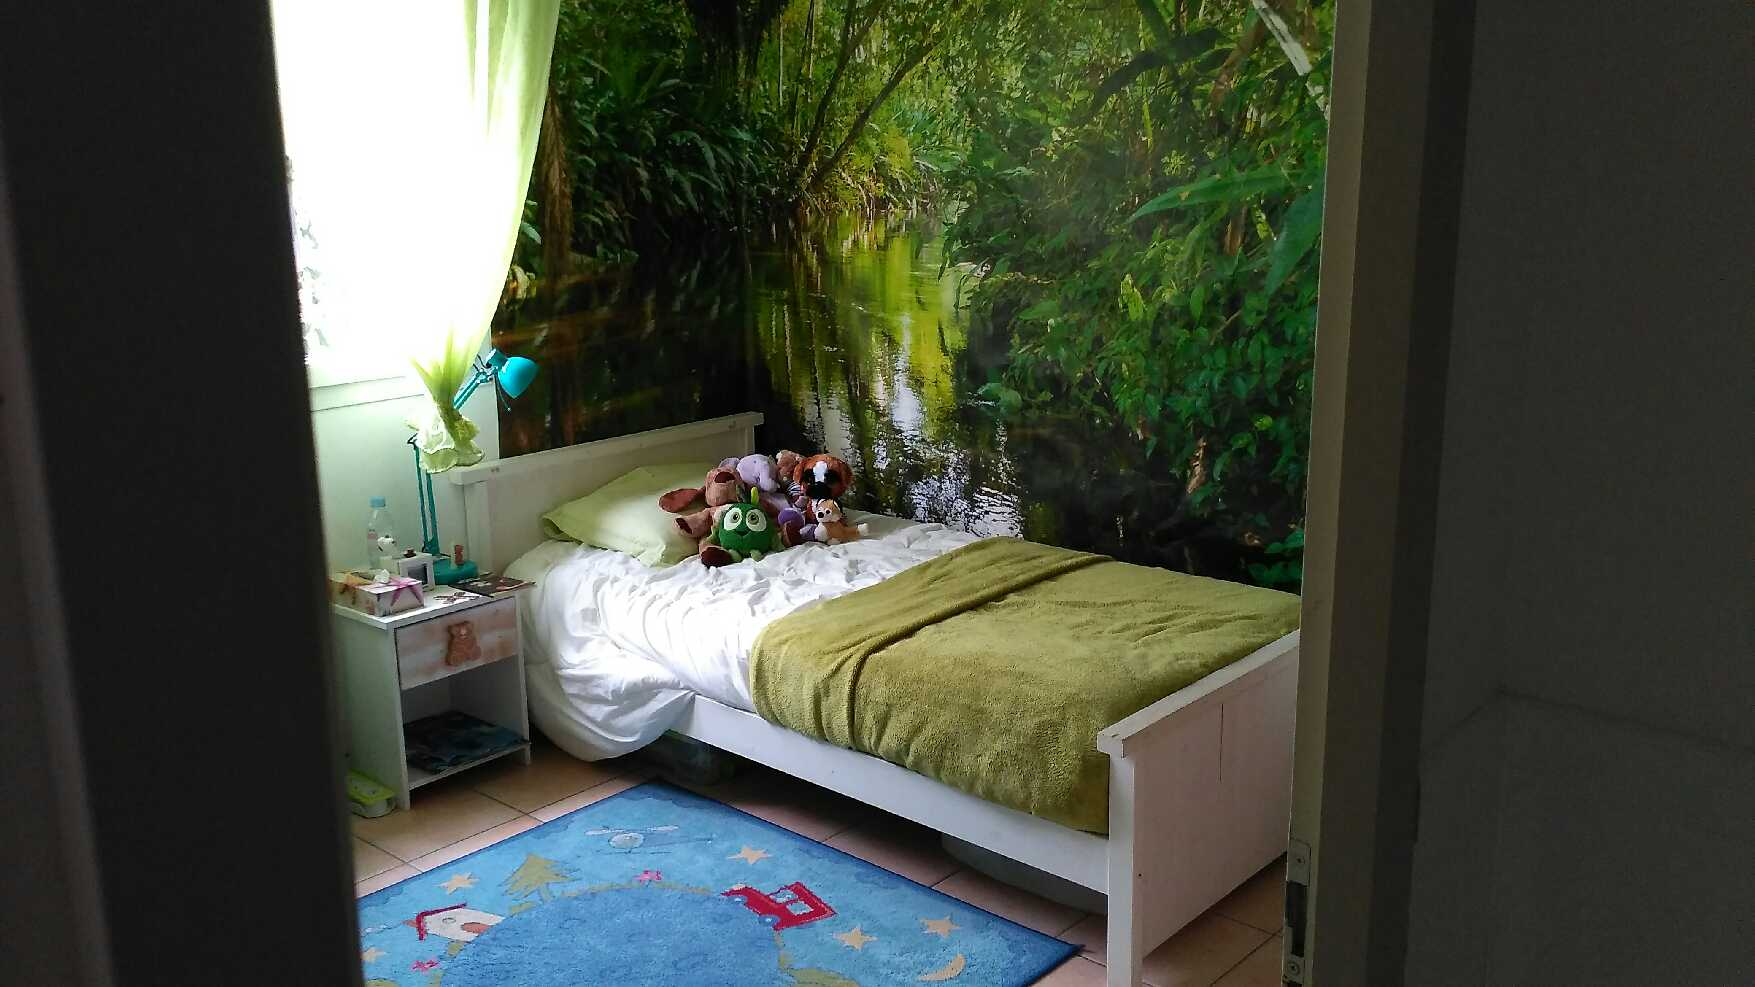 décor foret tropicale